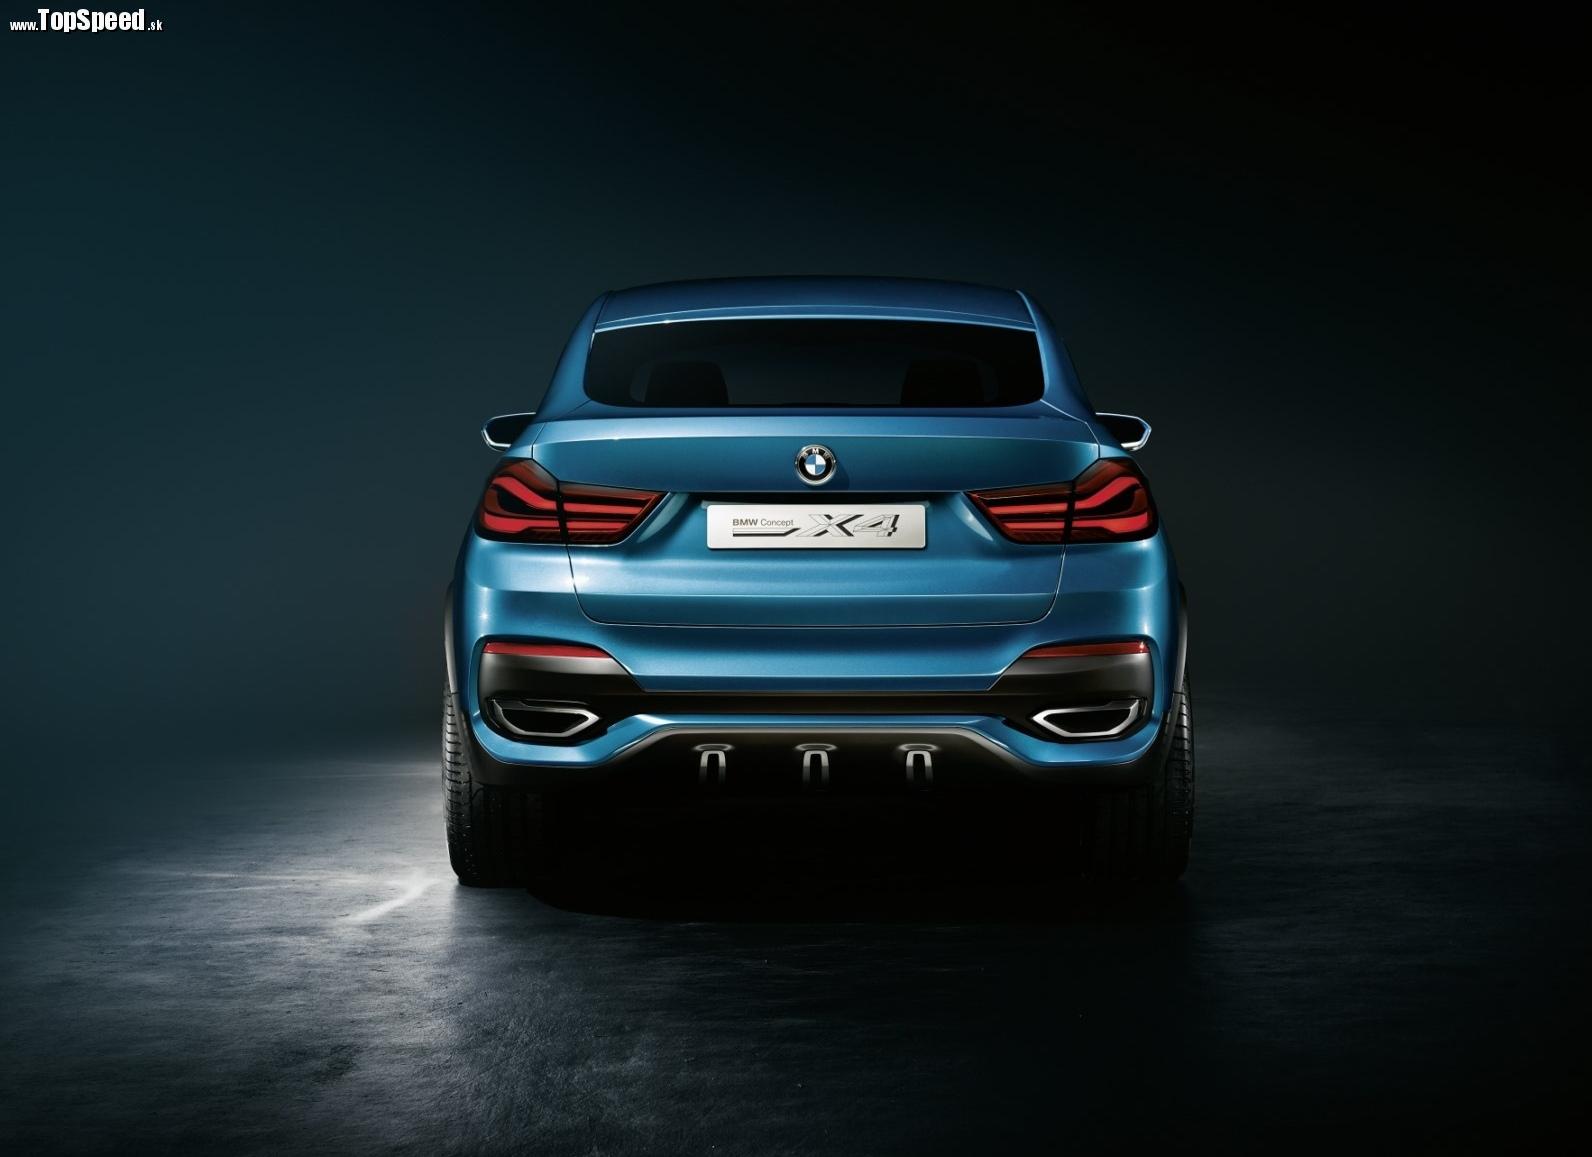 Zozadu je to nezameniteľné BMW. X4 Concept v sebe spája prvky BMW X6 a BMW 3GT.